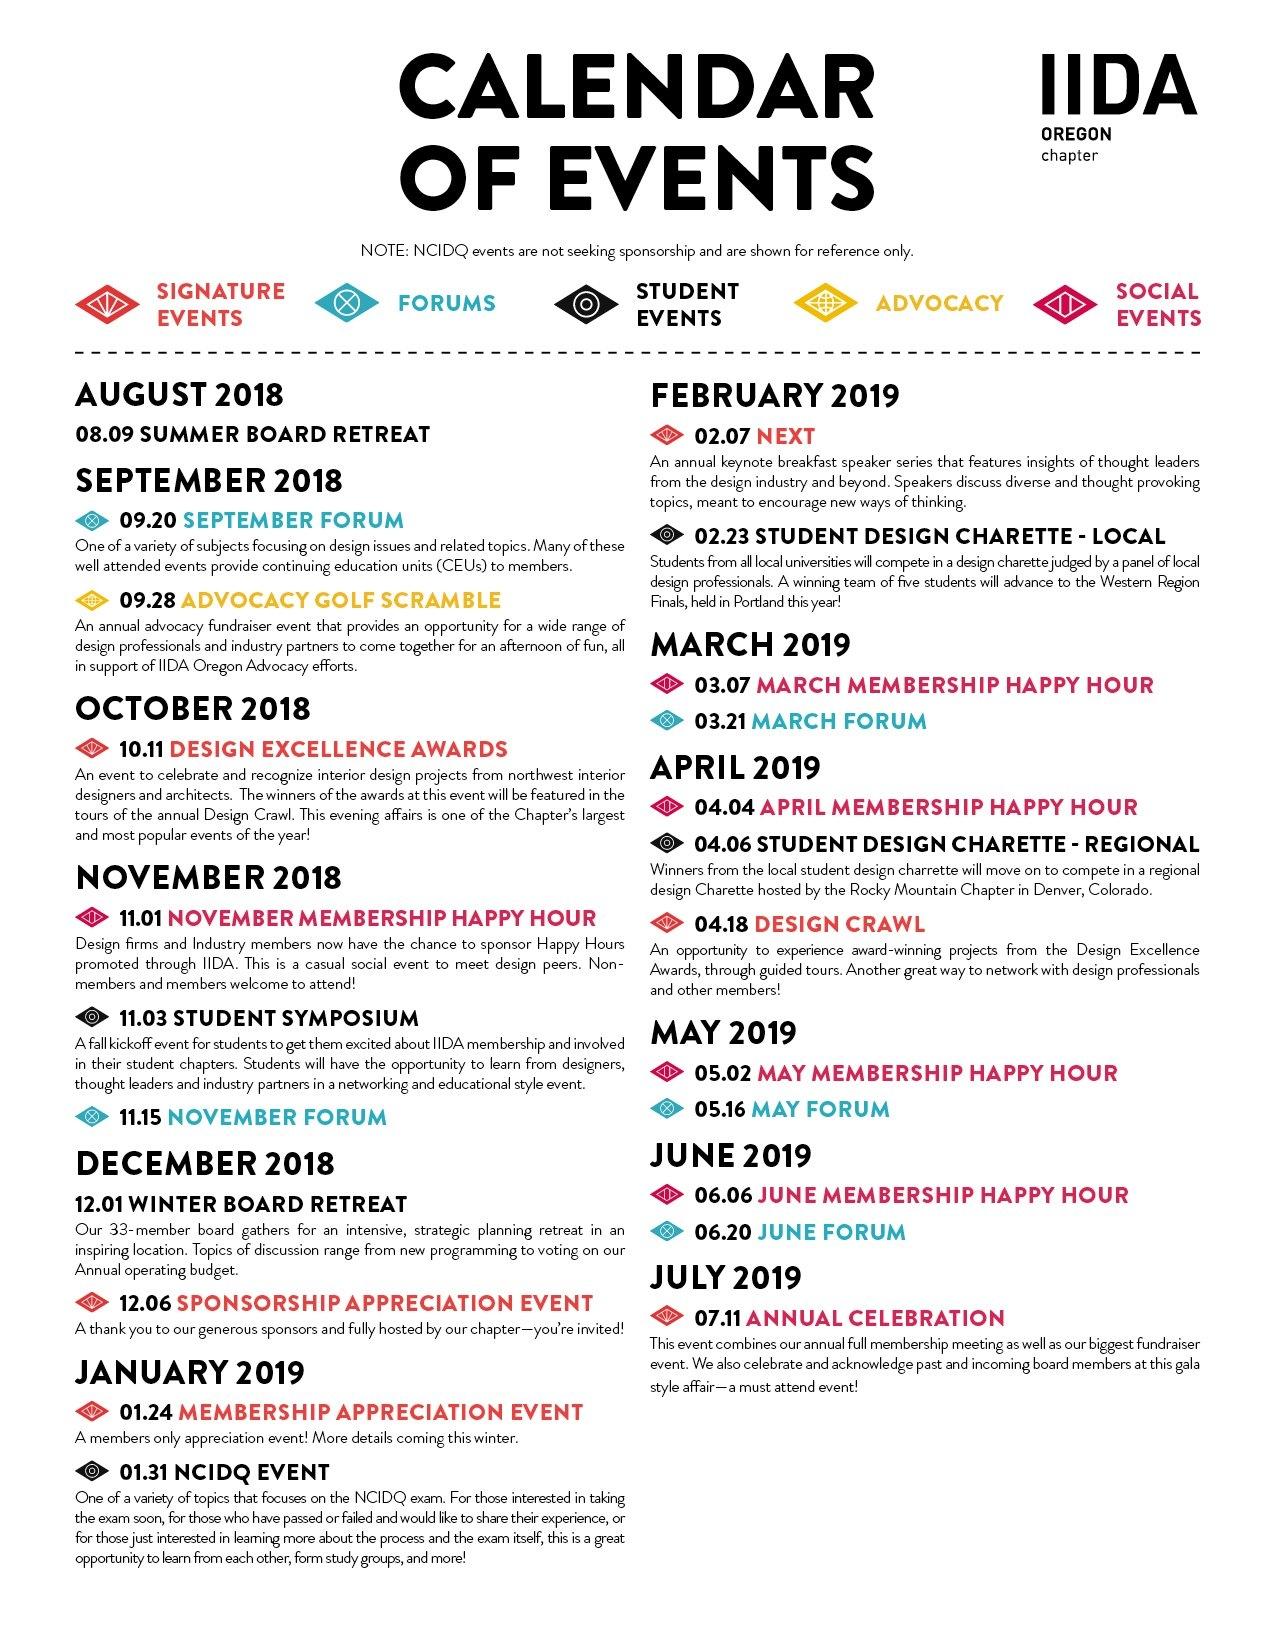 Calendar Of Events | Iida Oregon Chapter Calendar 2019 Events